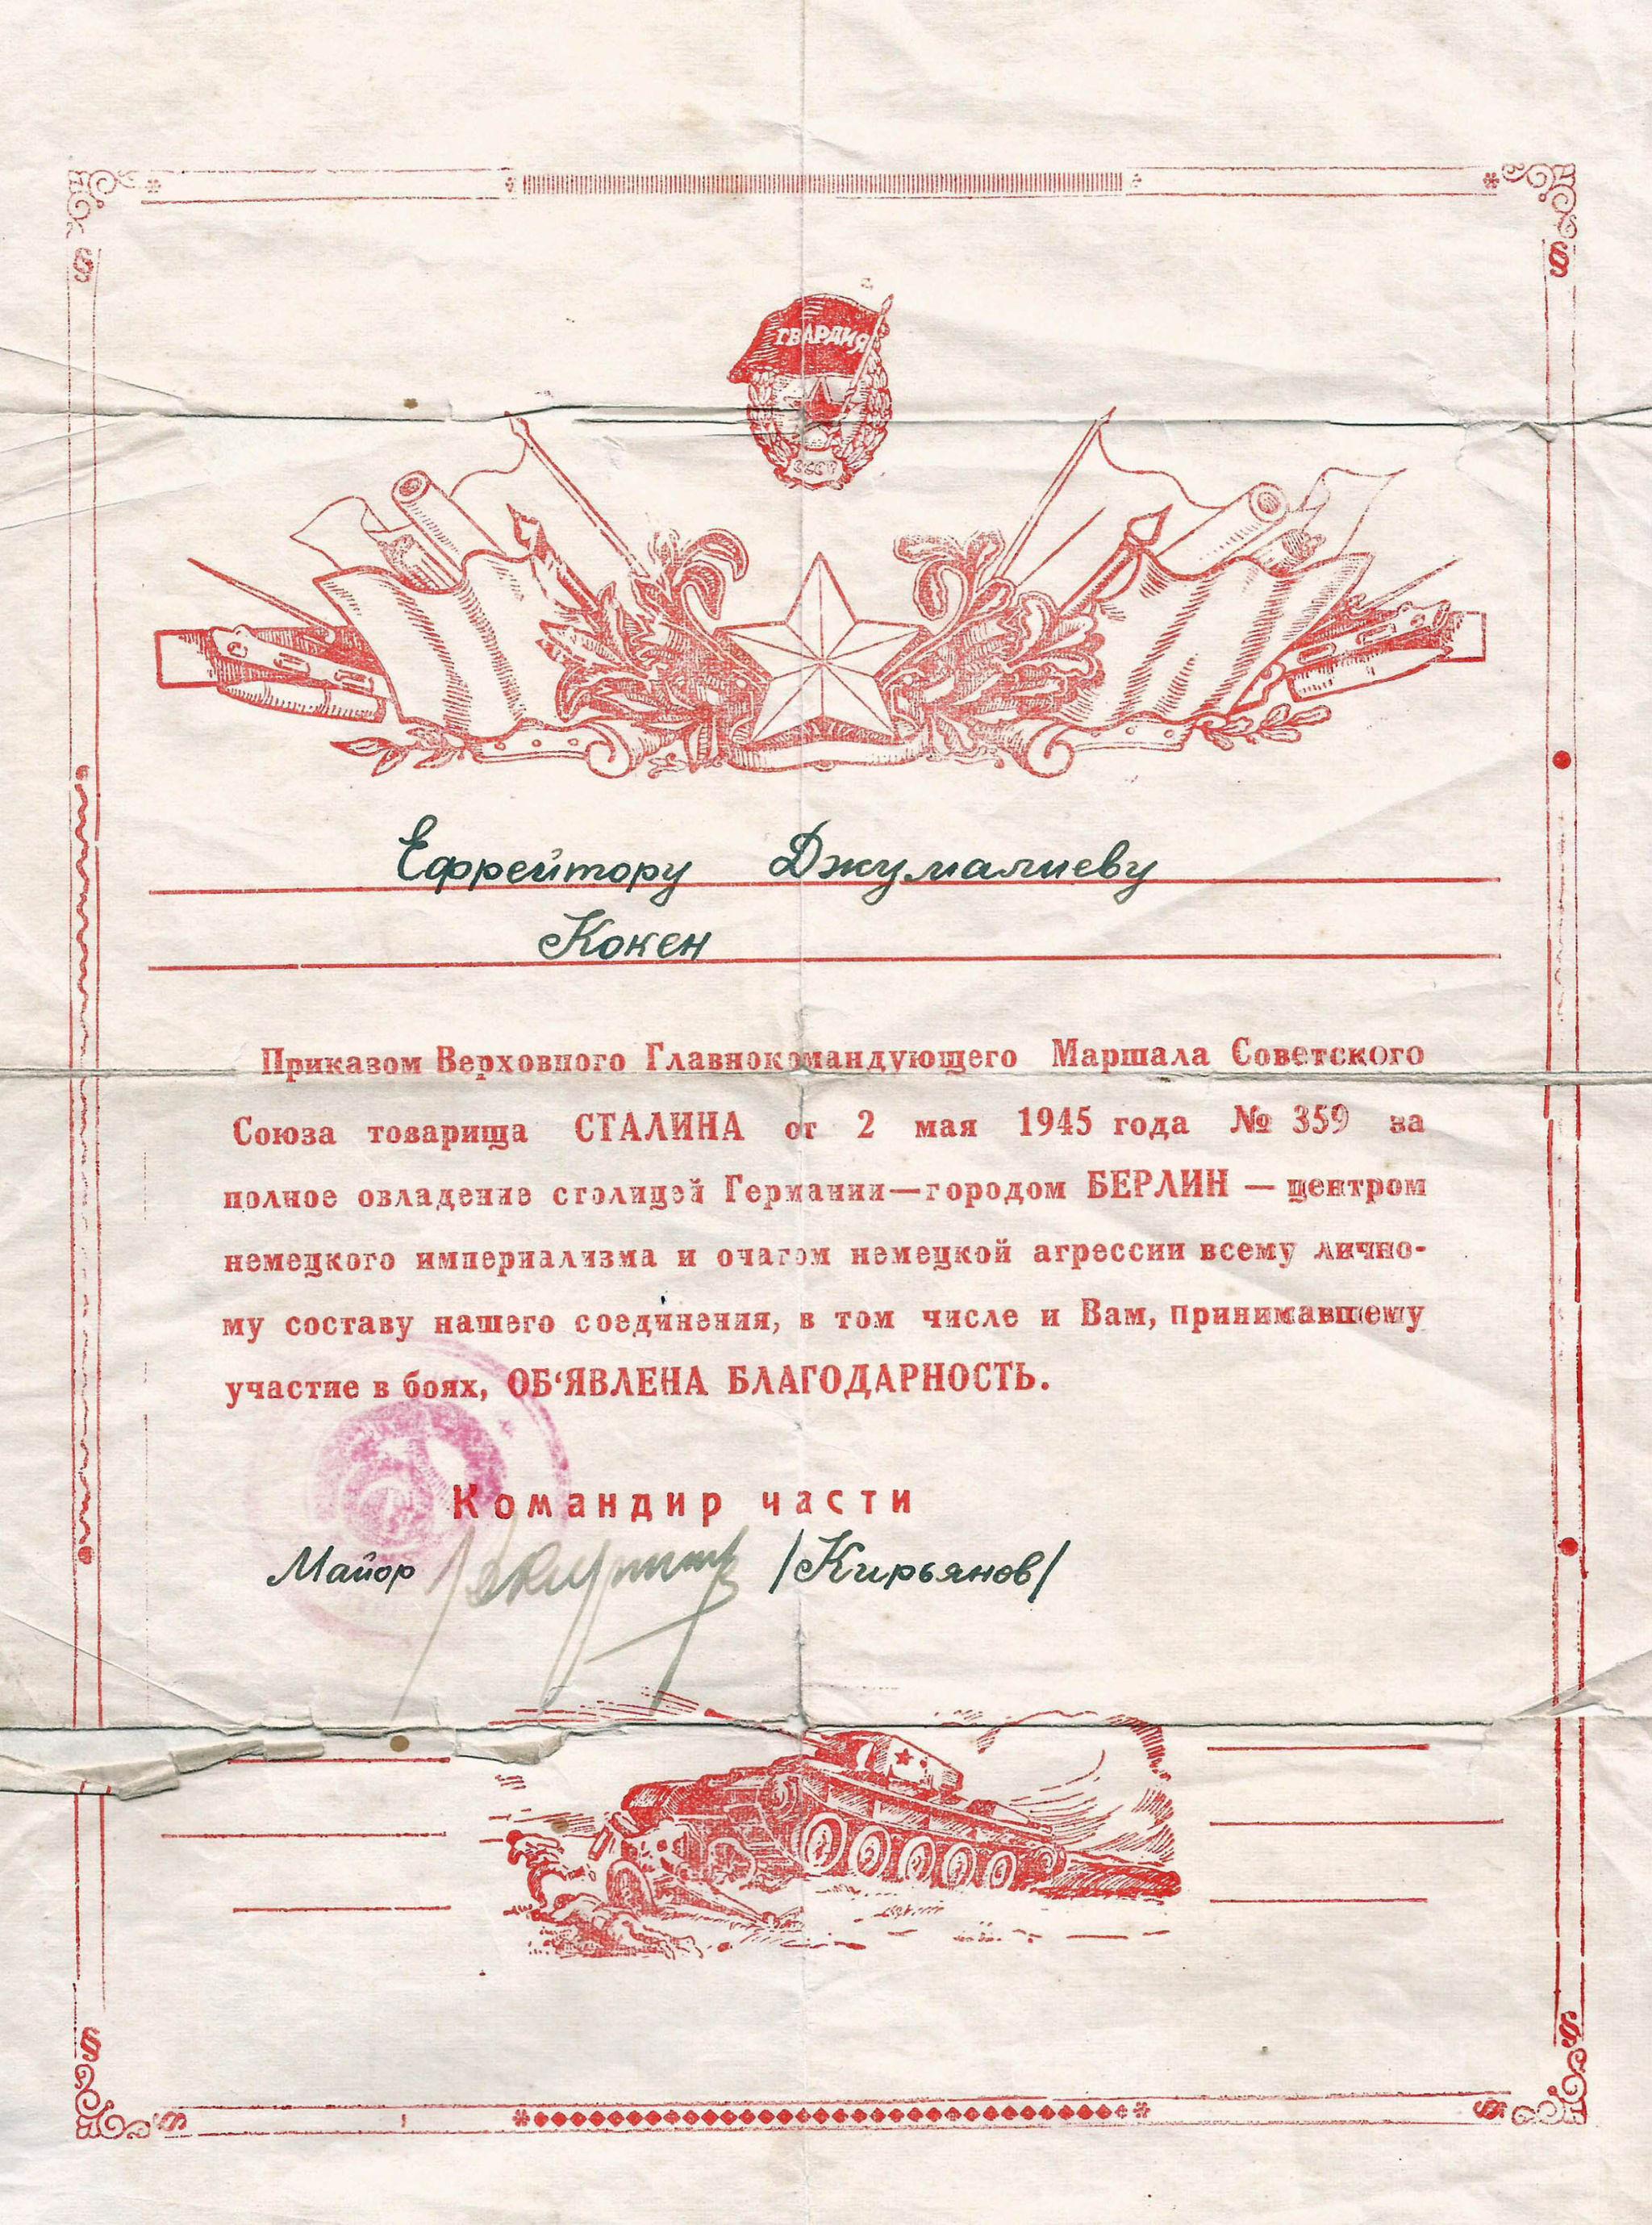 Благодарность ефрейтору Джумалиеву Кокену от Генерального секретаря ЦК ВКП(б) Иосифа Сталина